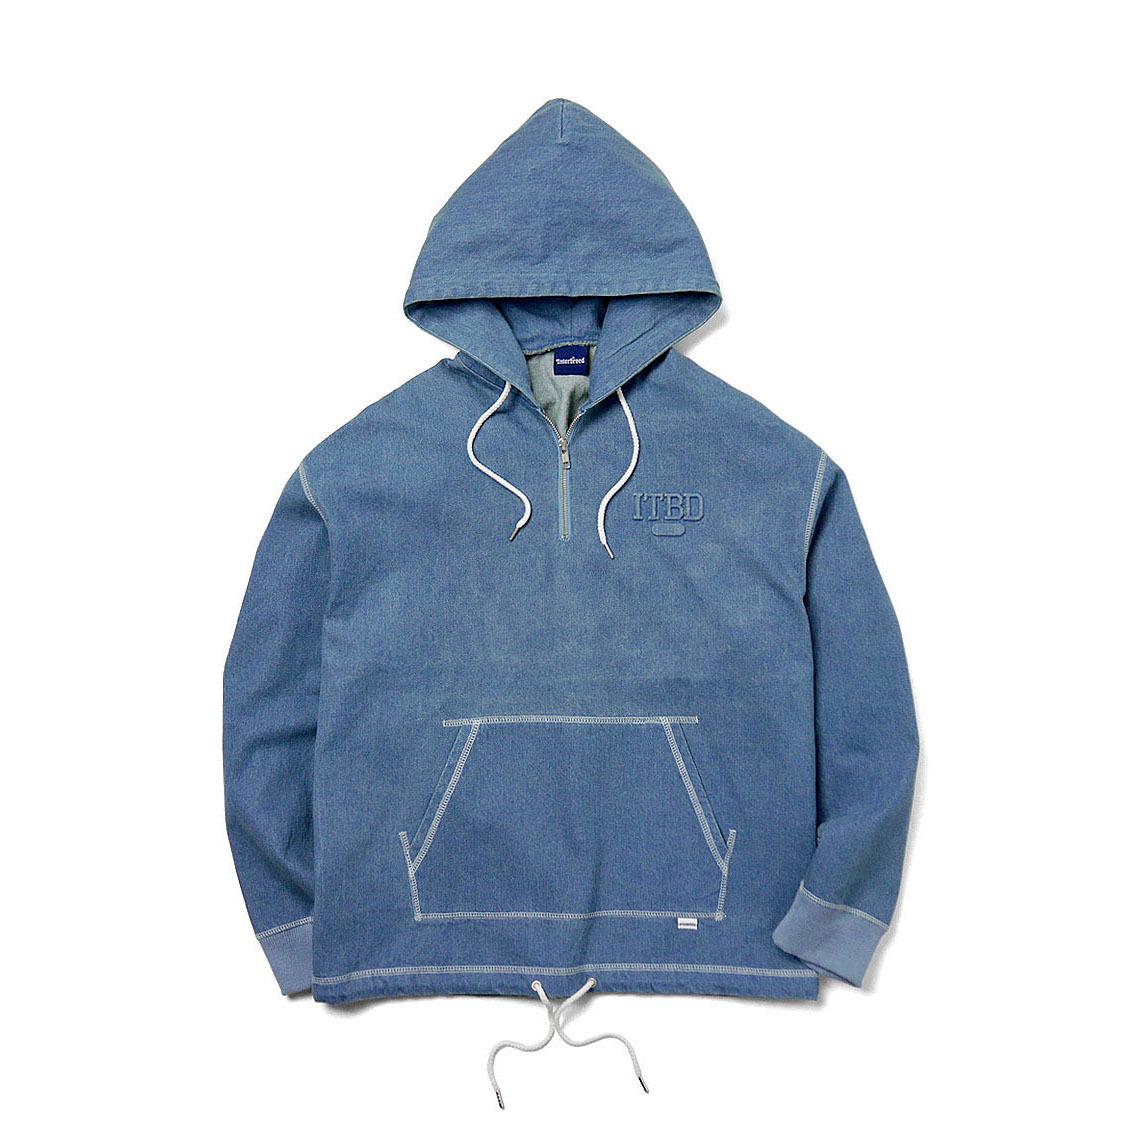 INTERBREED Stitched Denim Hoodie WASH DENIM